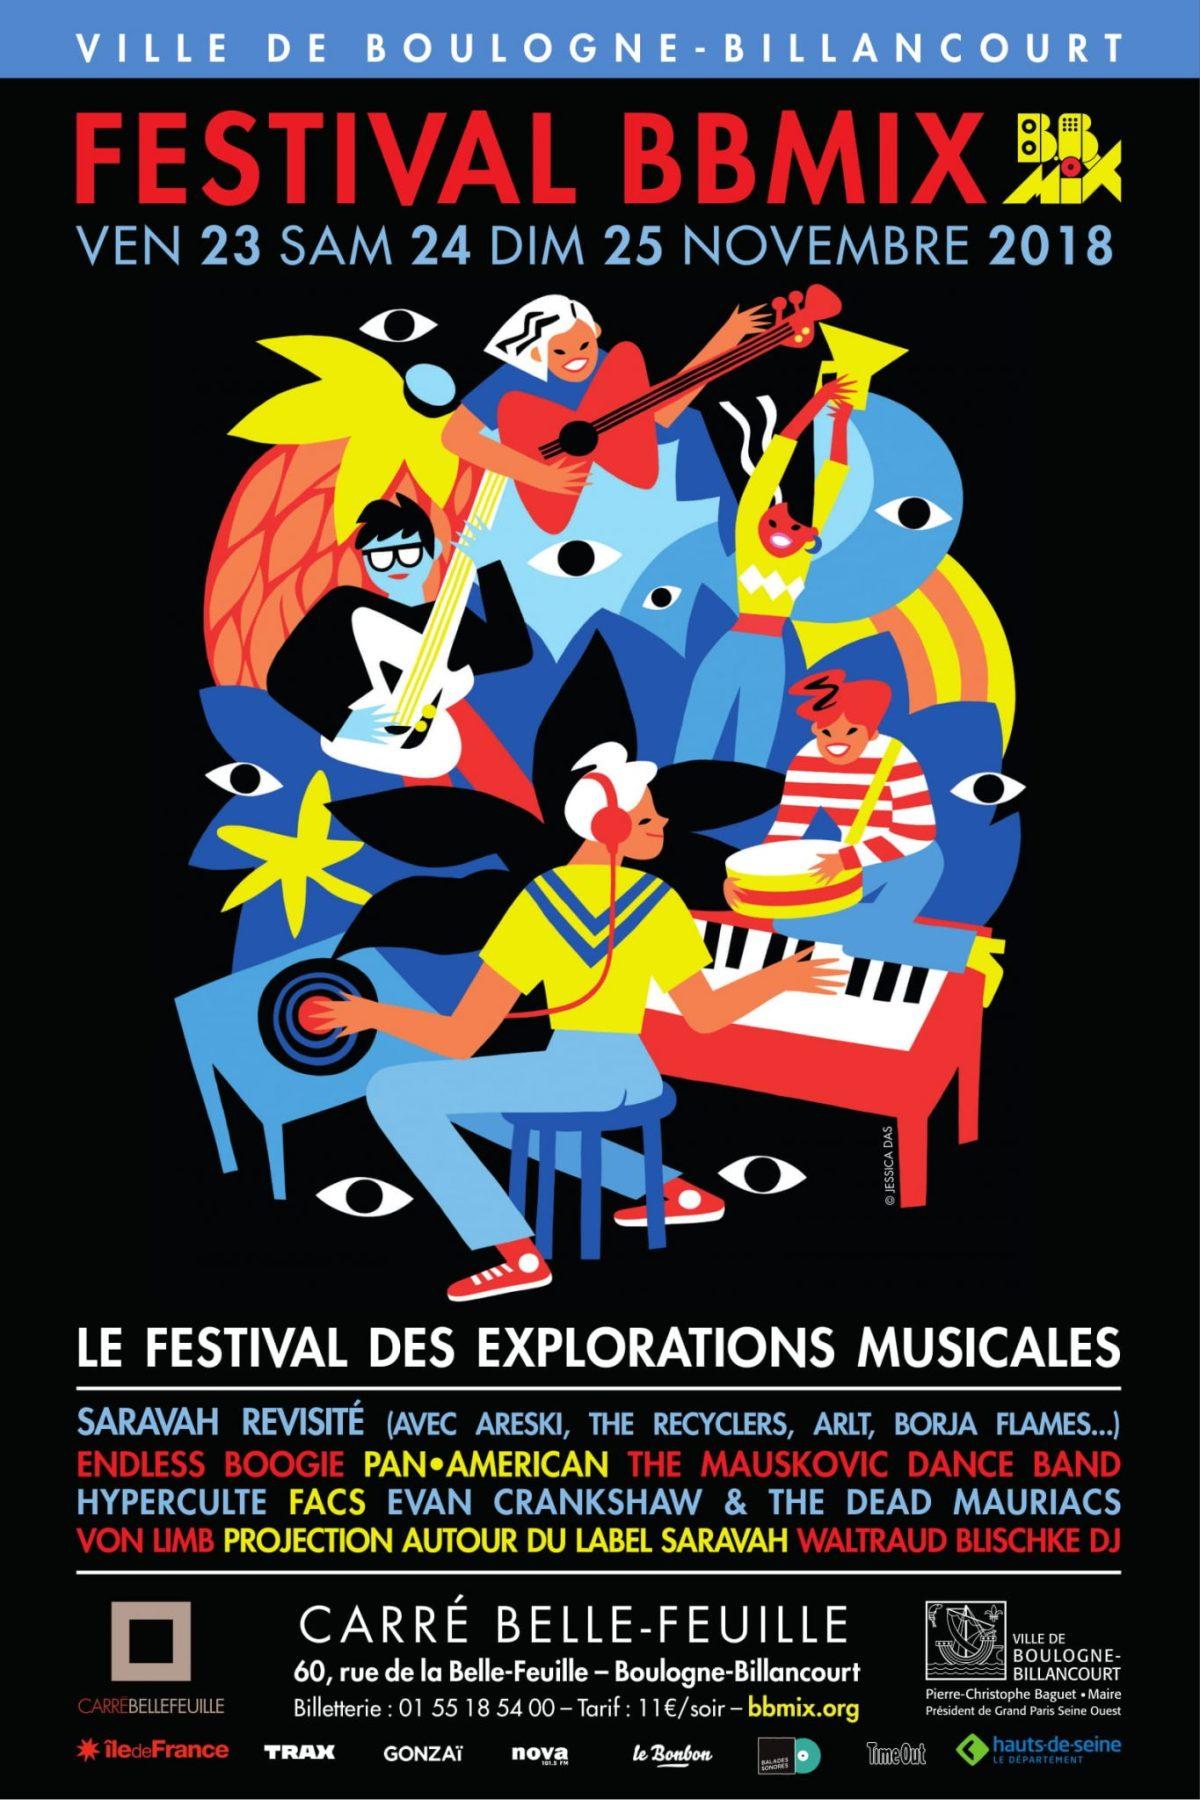 affiche festival bbmix 2018